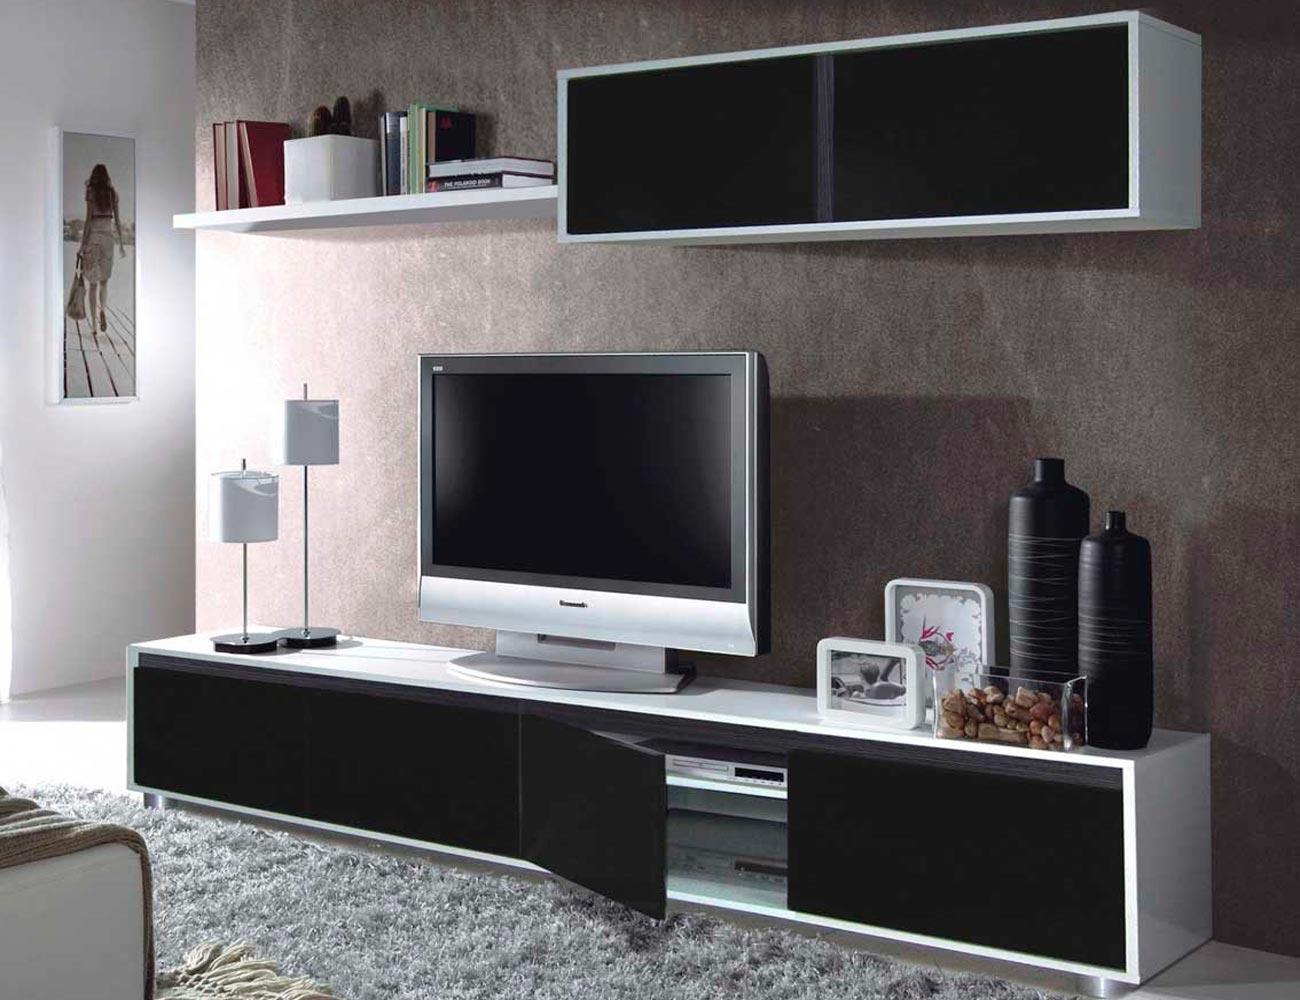 Muebles salon blanco muebles mueble de saln vitri apilable nogal y lacado brillo with muebles - Mueble salon rojo ...